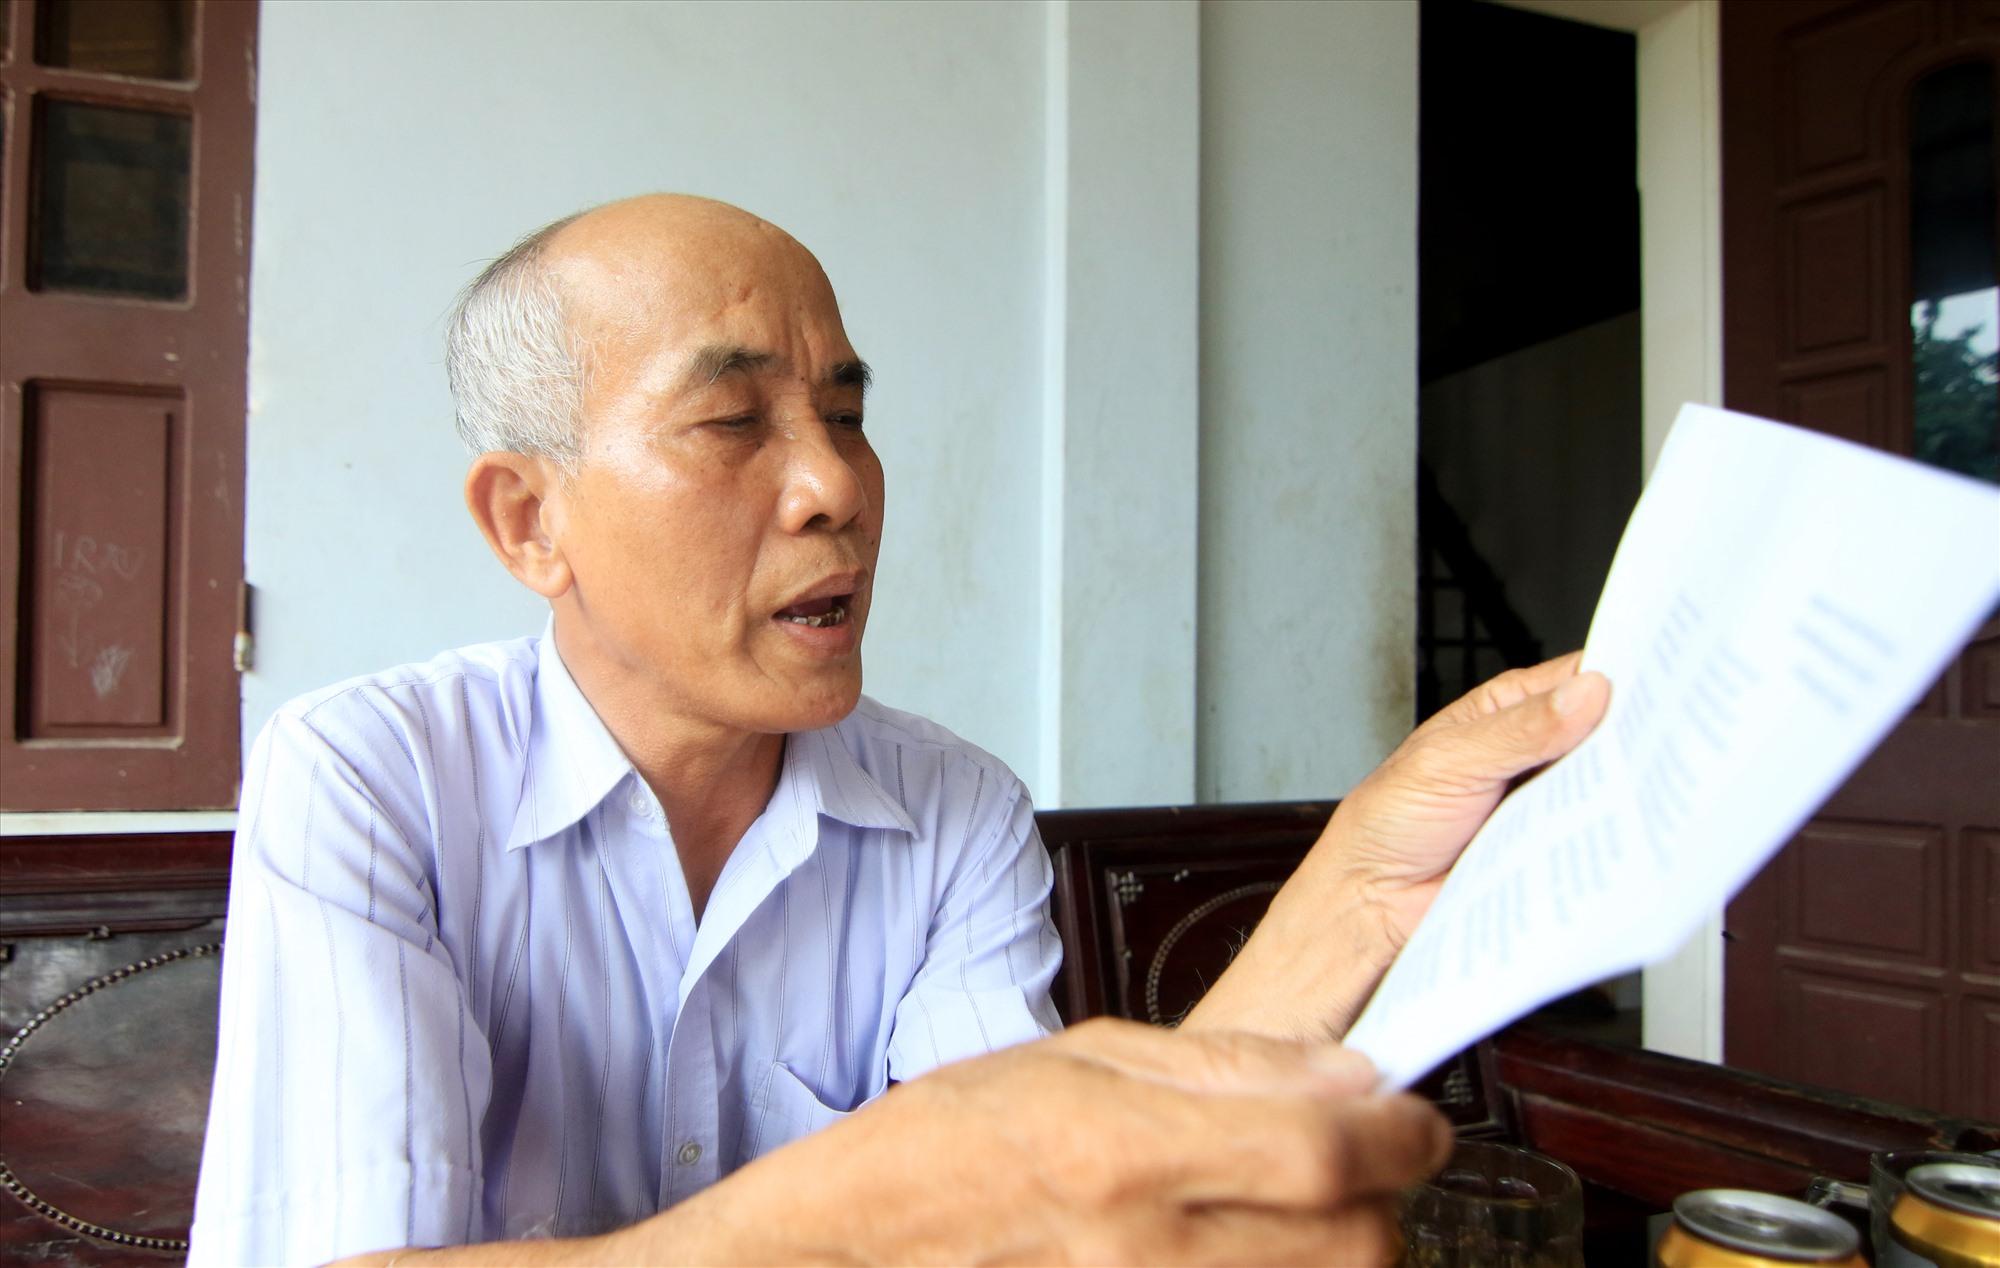 Ông Nguyễn Hữu Ngoãn đọc bài thơ của ông viết năm 2007 khi về thăm má Doãn Thị Trọng.